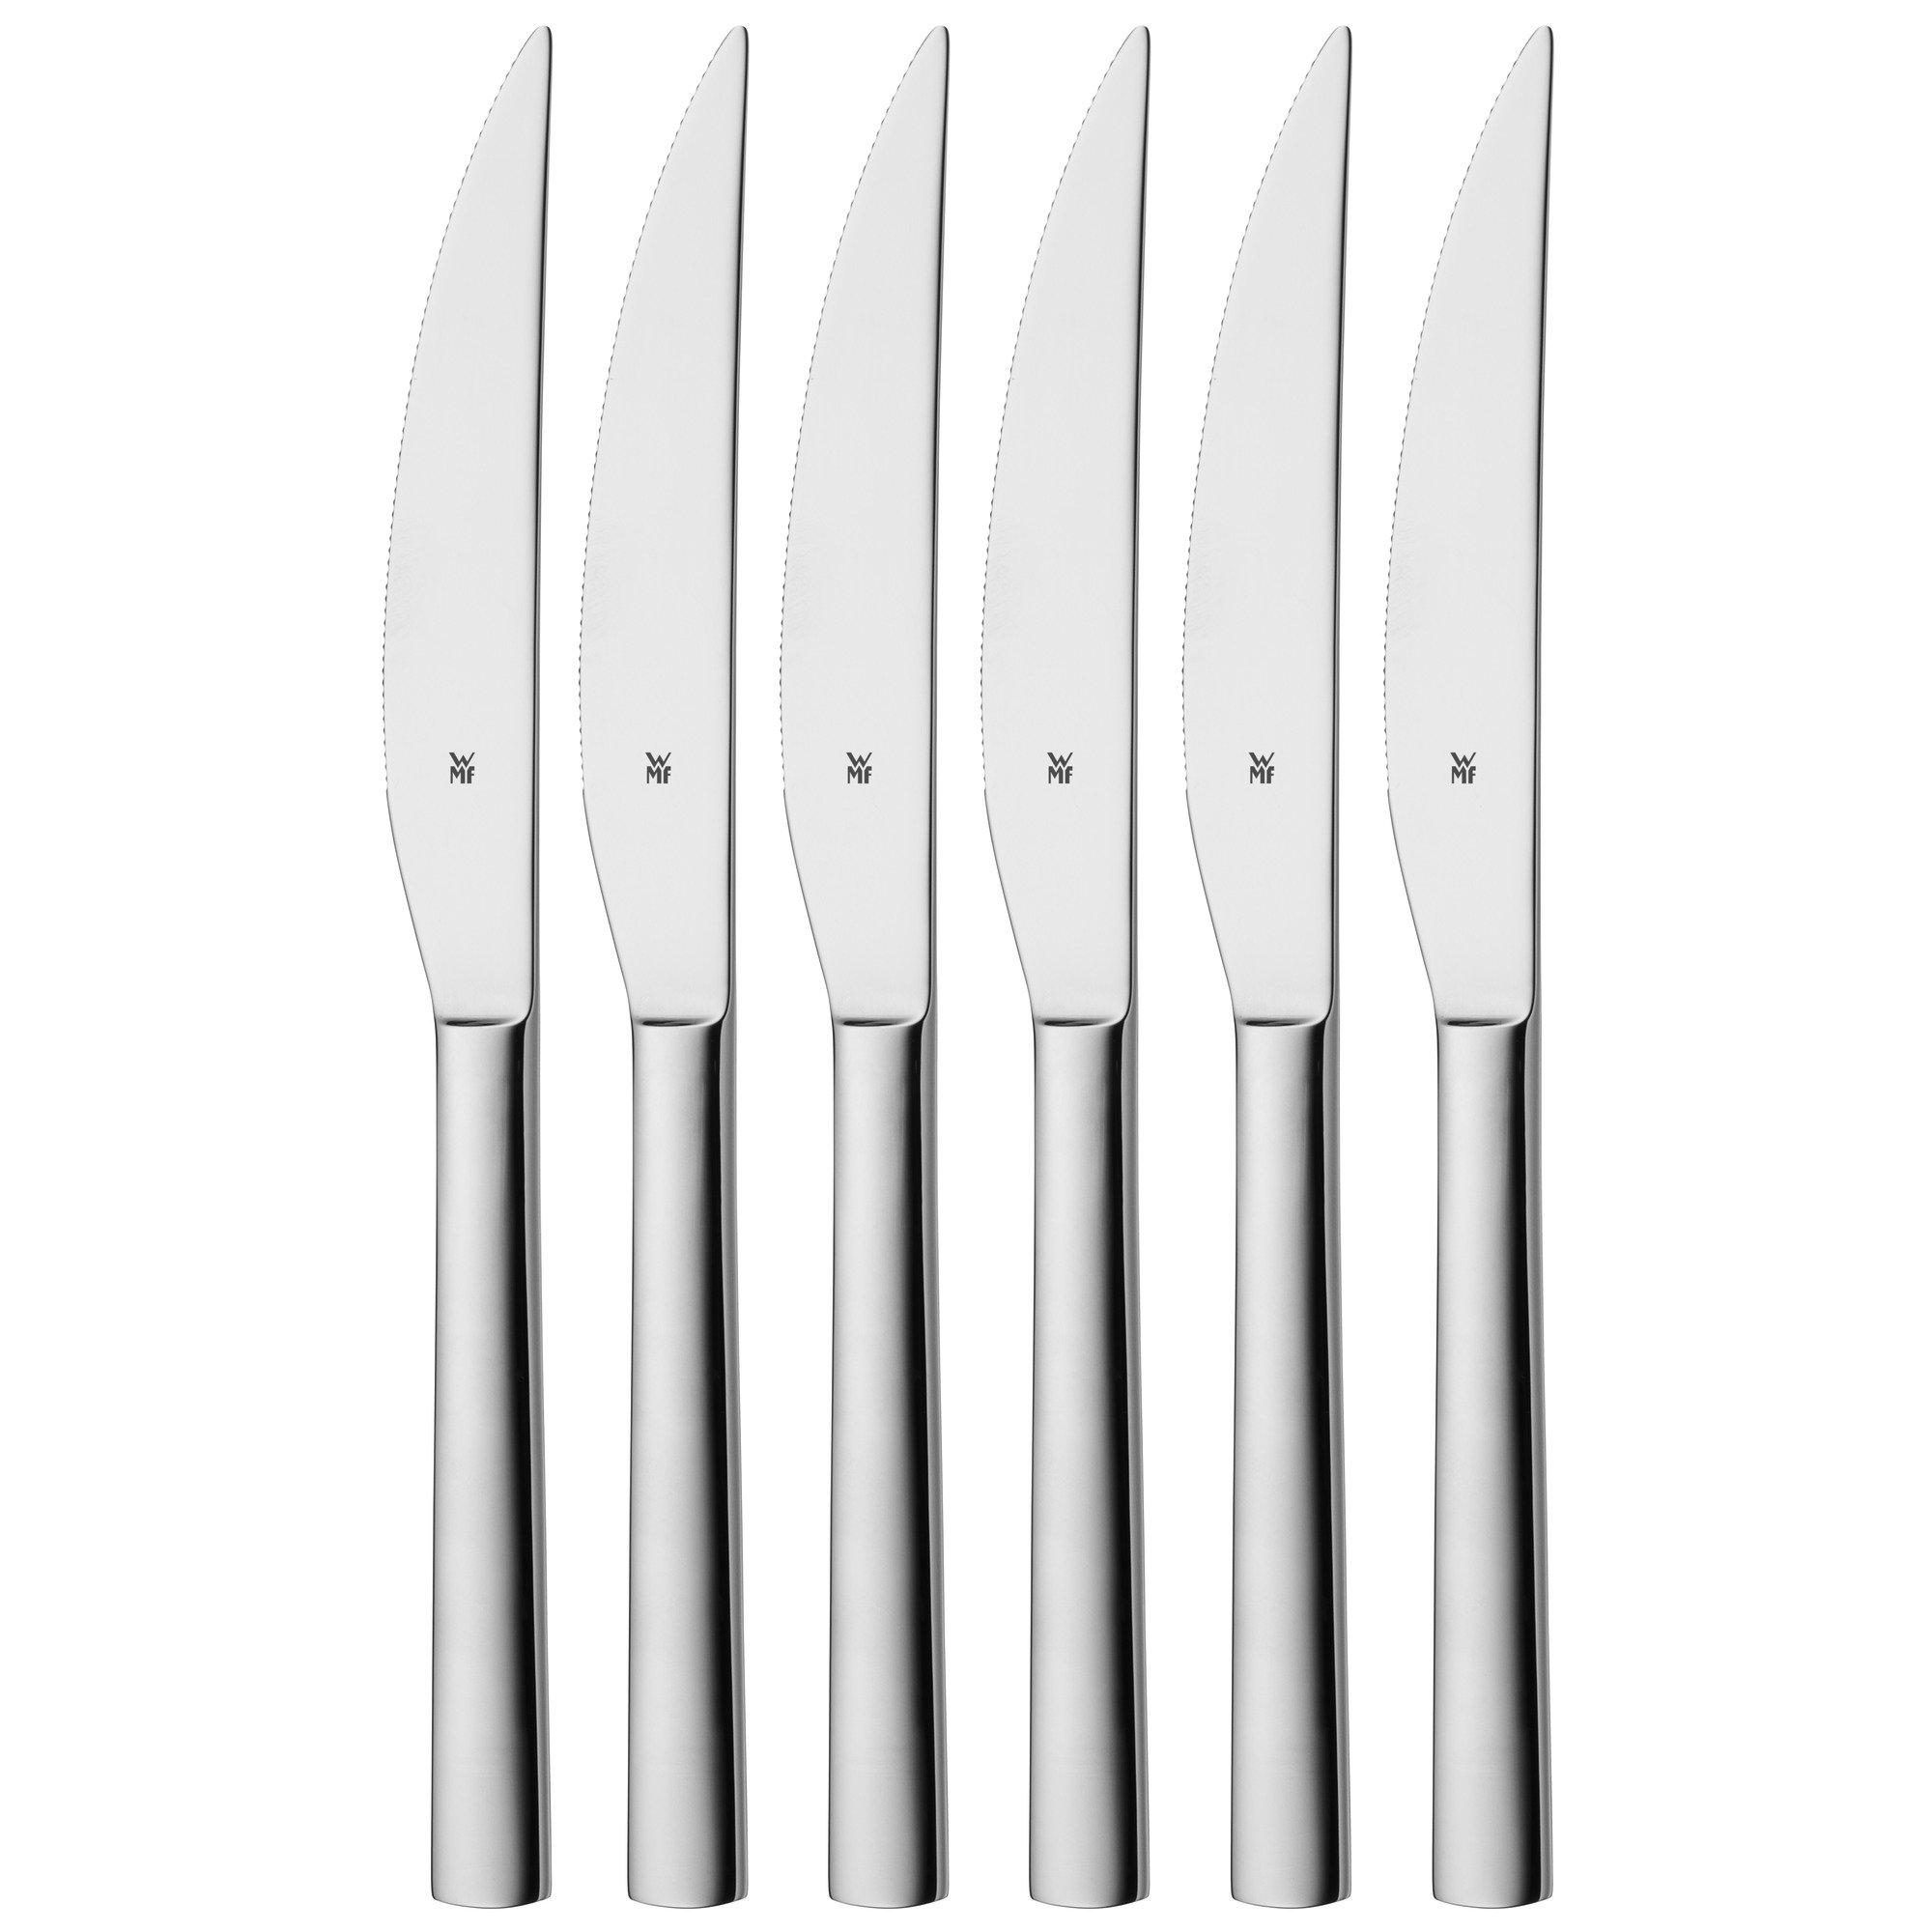 Steakmesser-Set 6 Stück Nuova